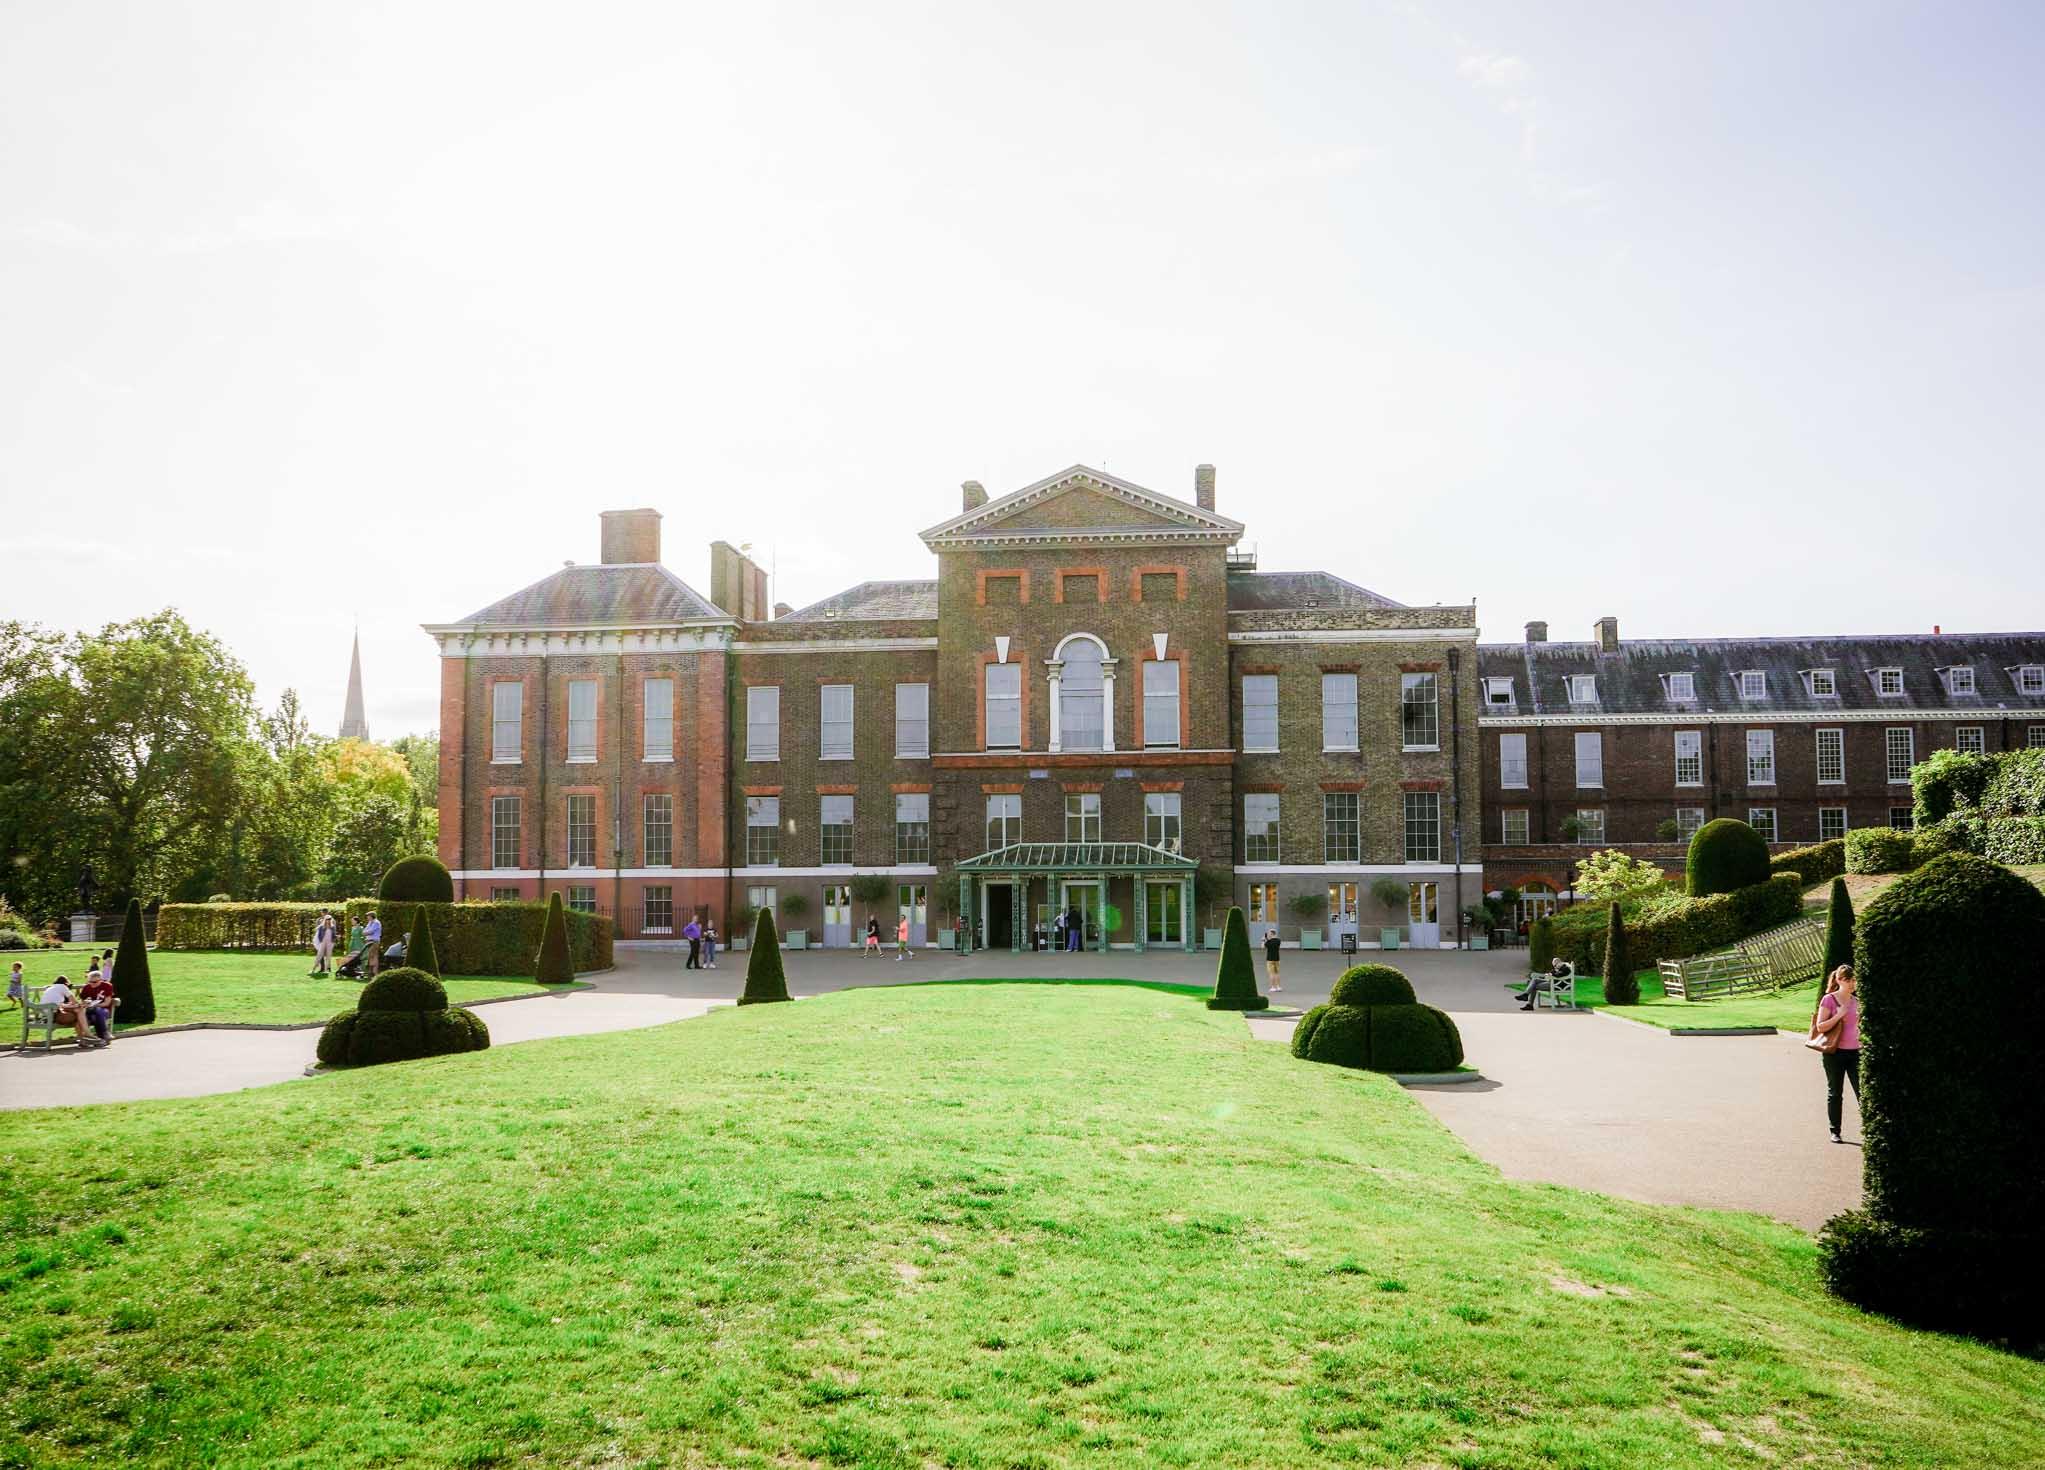 things to do near kensington palace